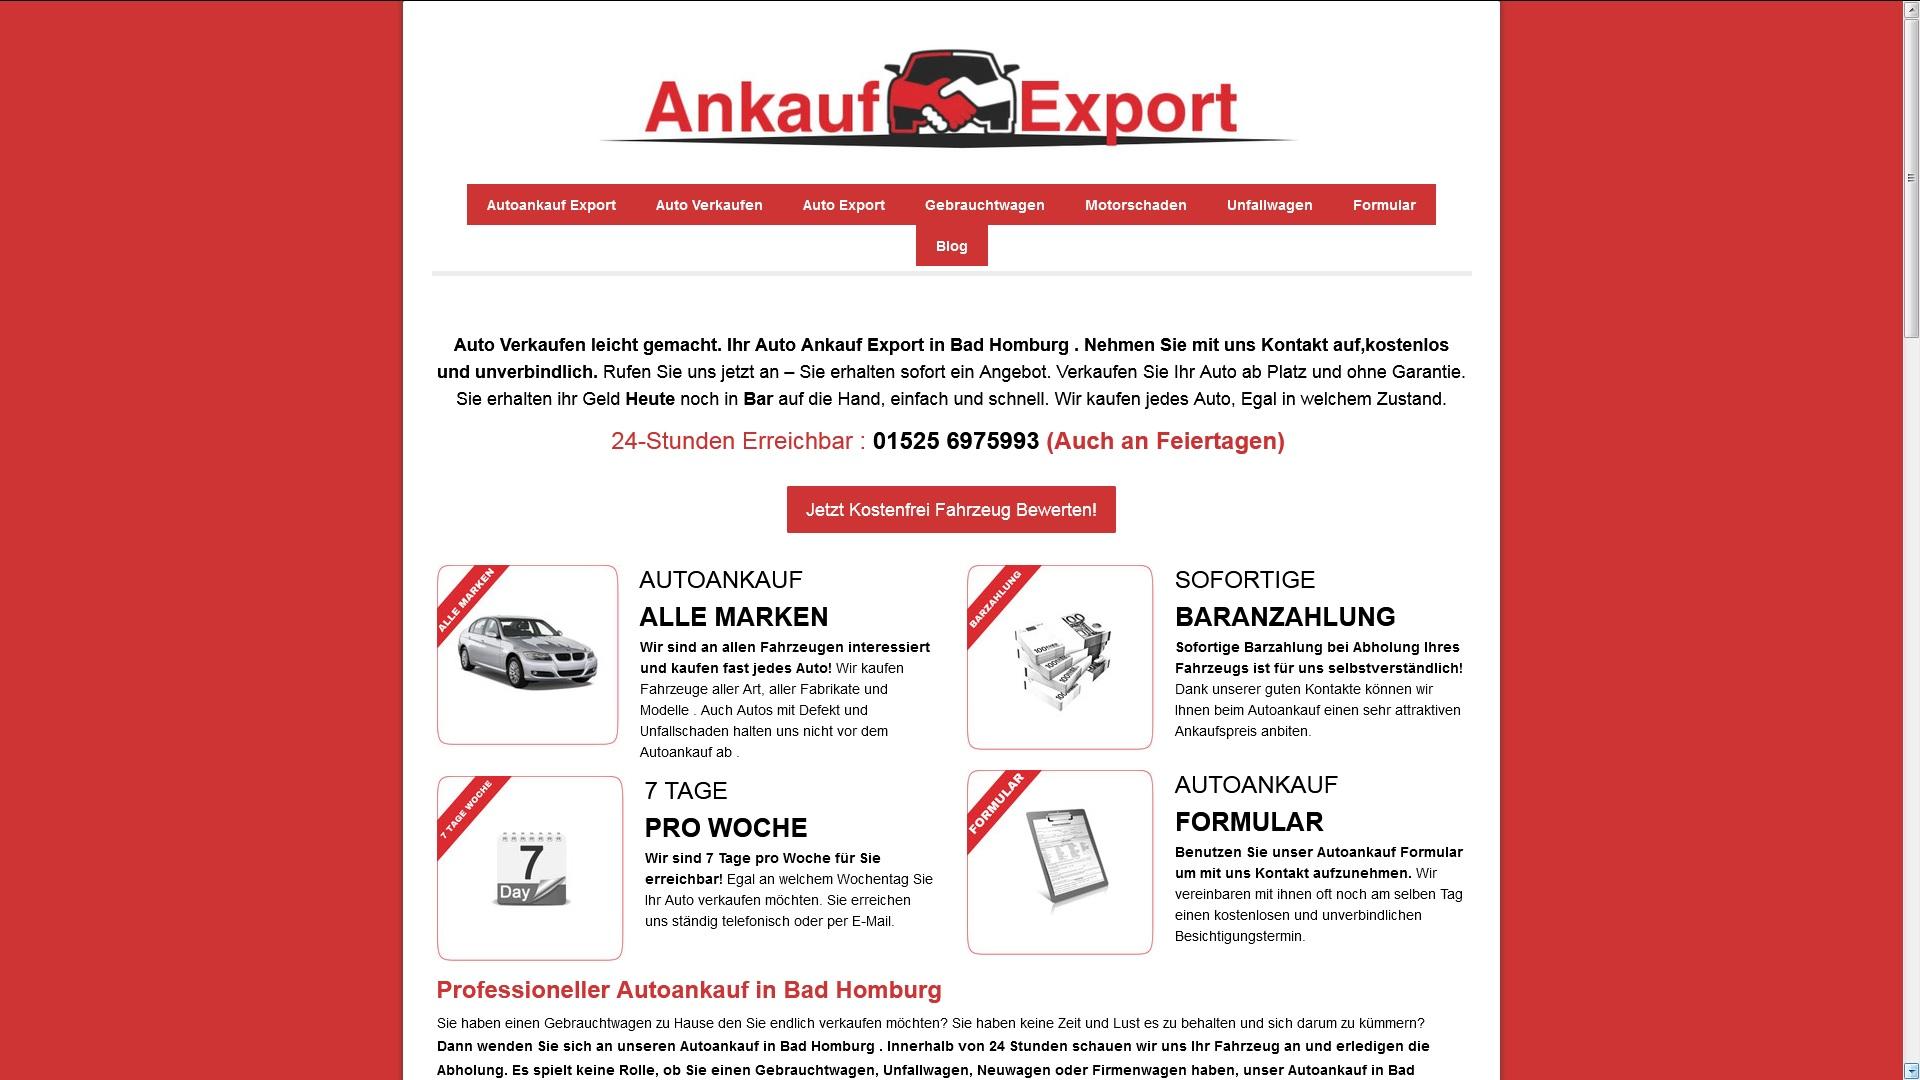 Autoankauf Ravensburg ist Ihr erster Ansprechpartner - Autoankauf in Ravensburg - Auto verkaufen in Ravensburg zum Höchstpreis.